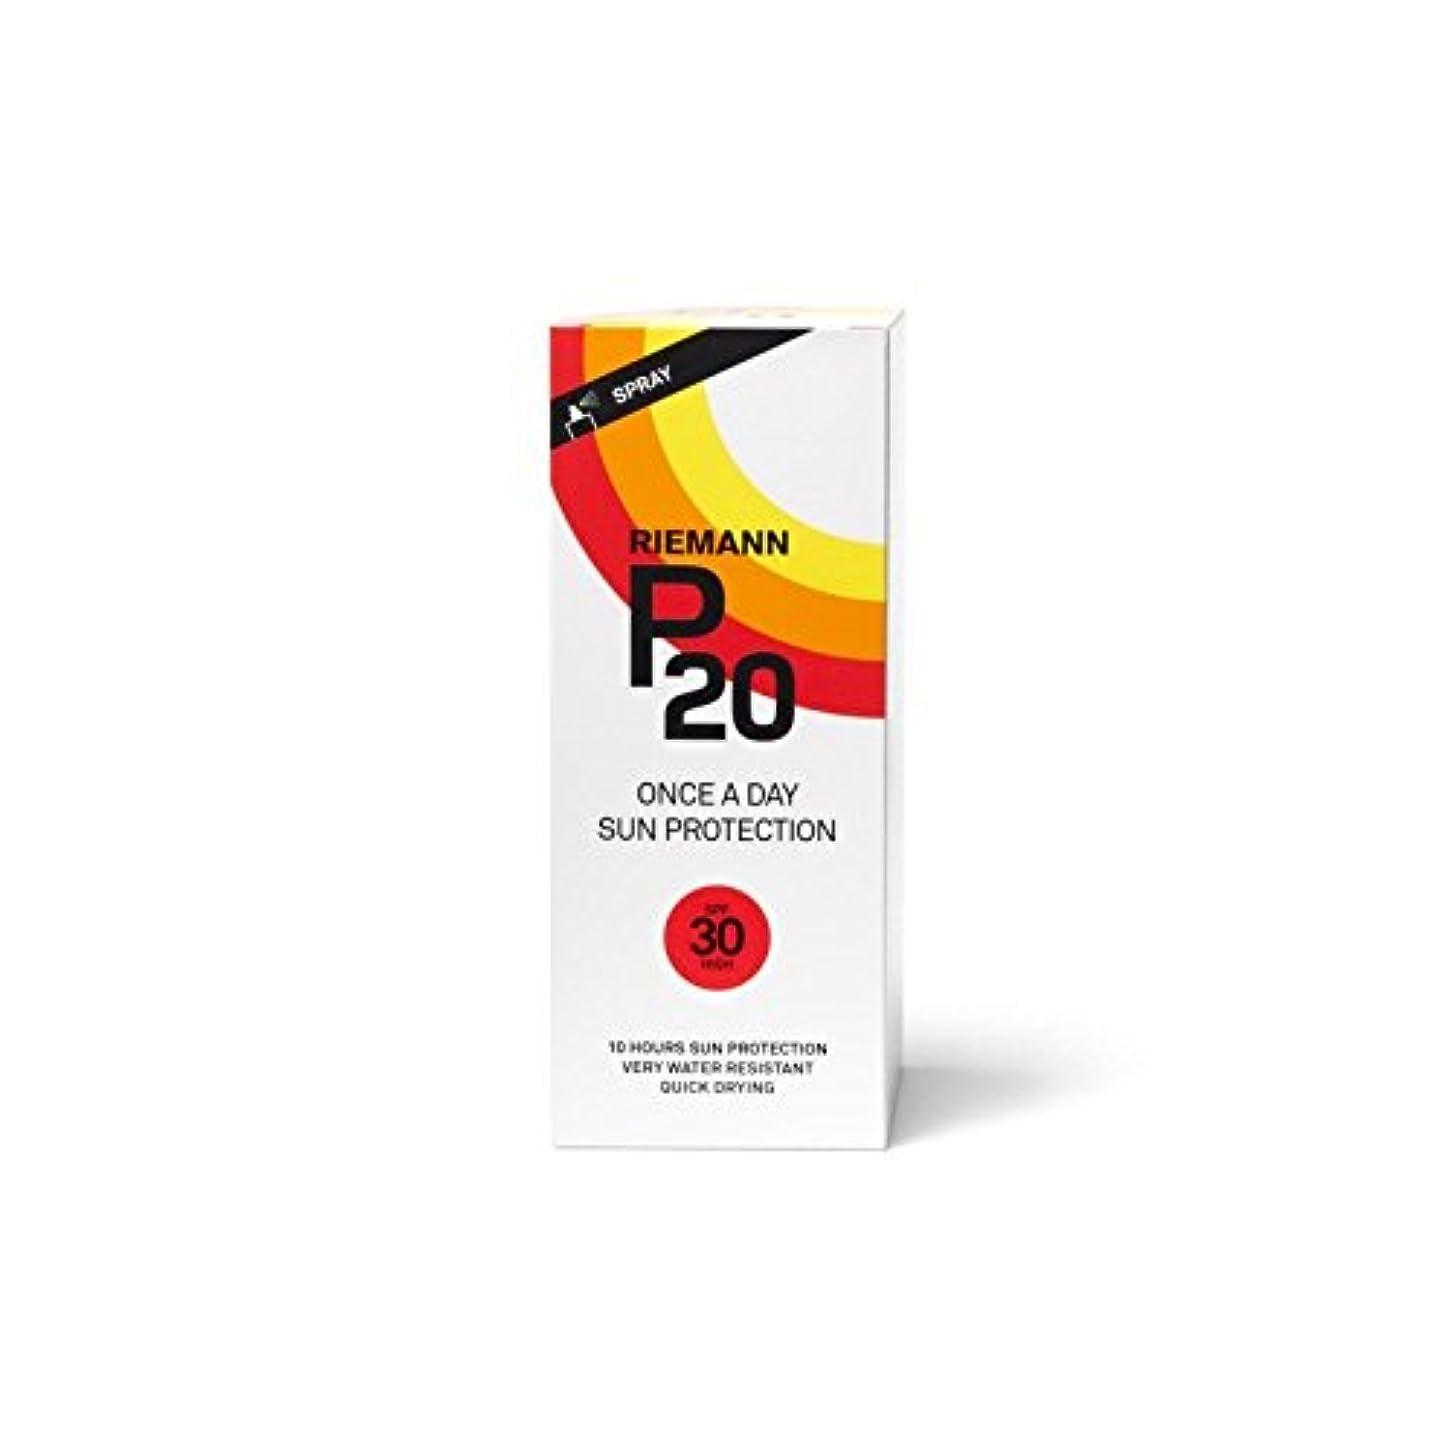 起業家吐く教えてRiemann P20 Sun Filter 200ml SPF30 - リーマン20のサンフィルター200ミリリットル30 [並行輸入品]